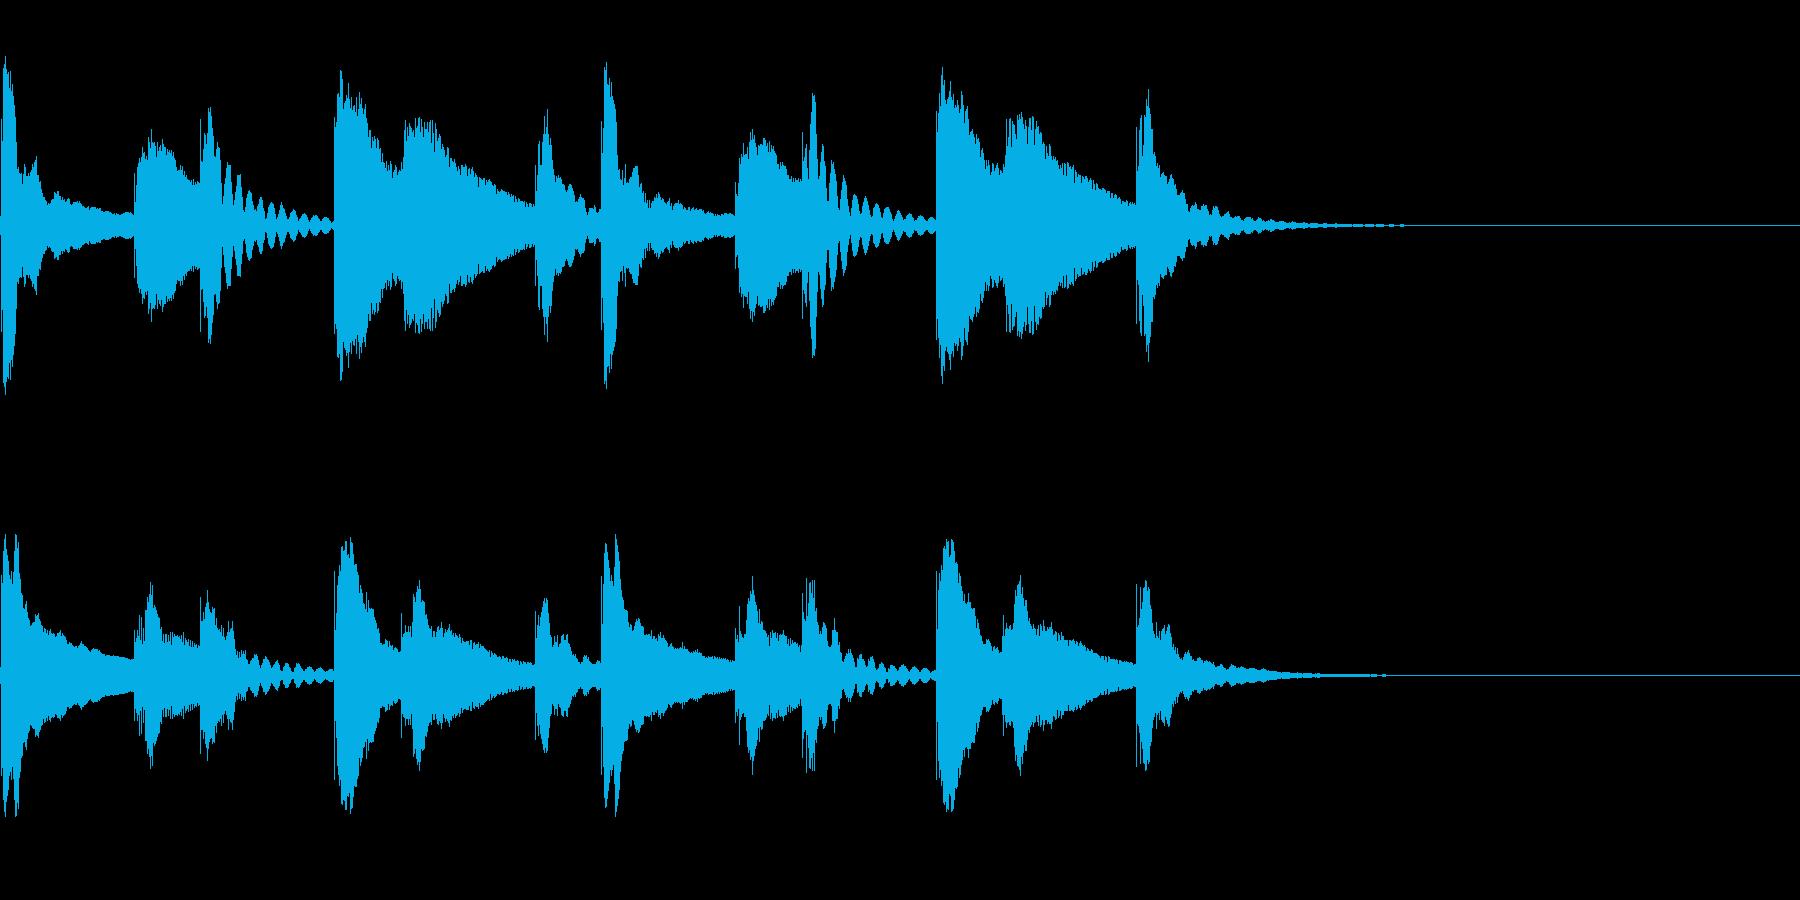 シロフォン(木琴)の迷うようなジングルの再生済みの波形